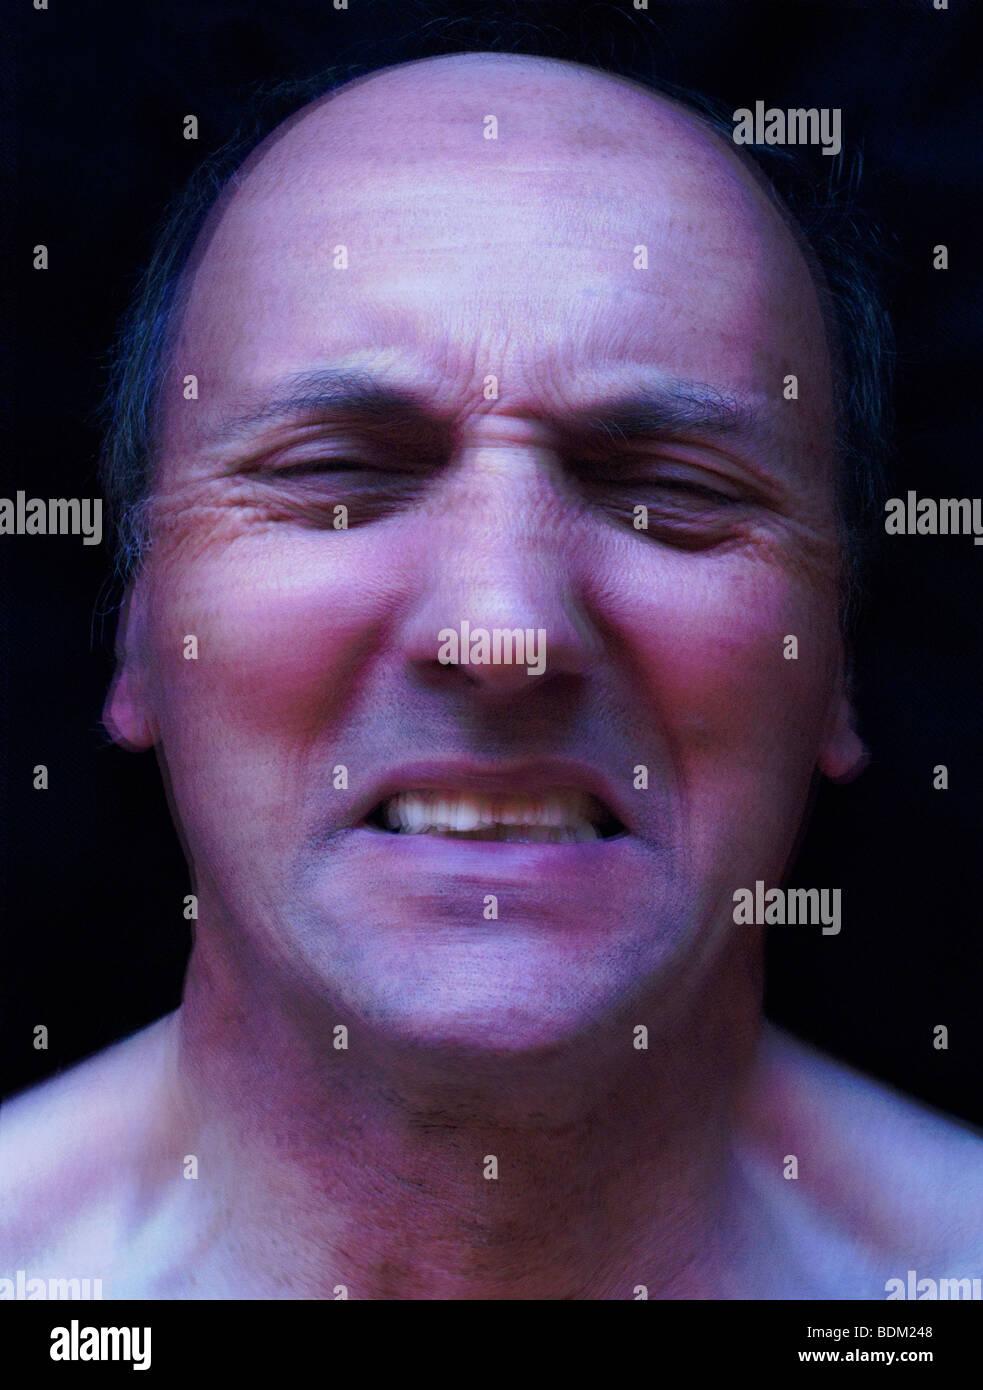 El estrés, la tensión, tensión y depresión Imagen De Stock